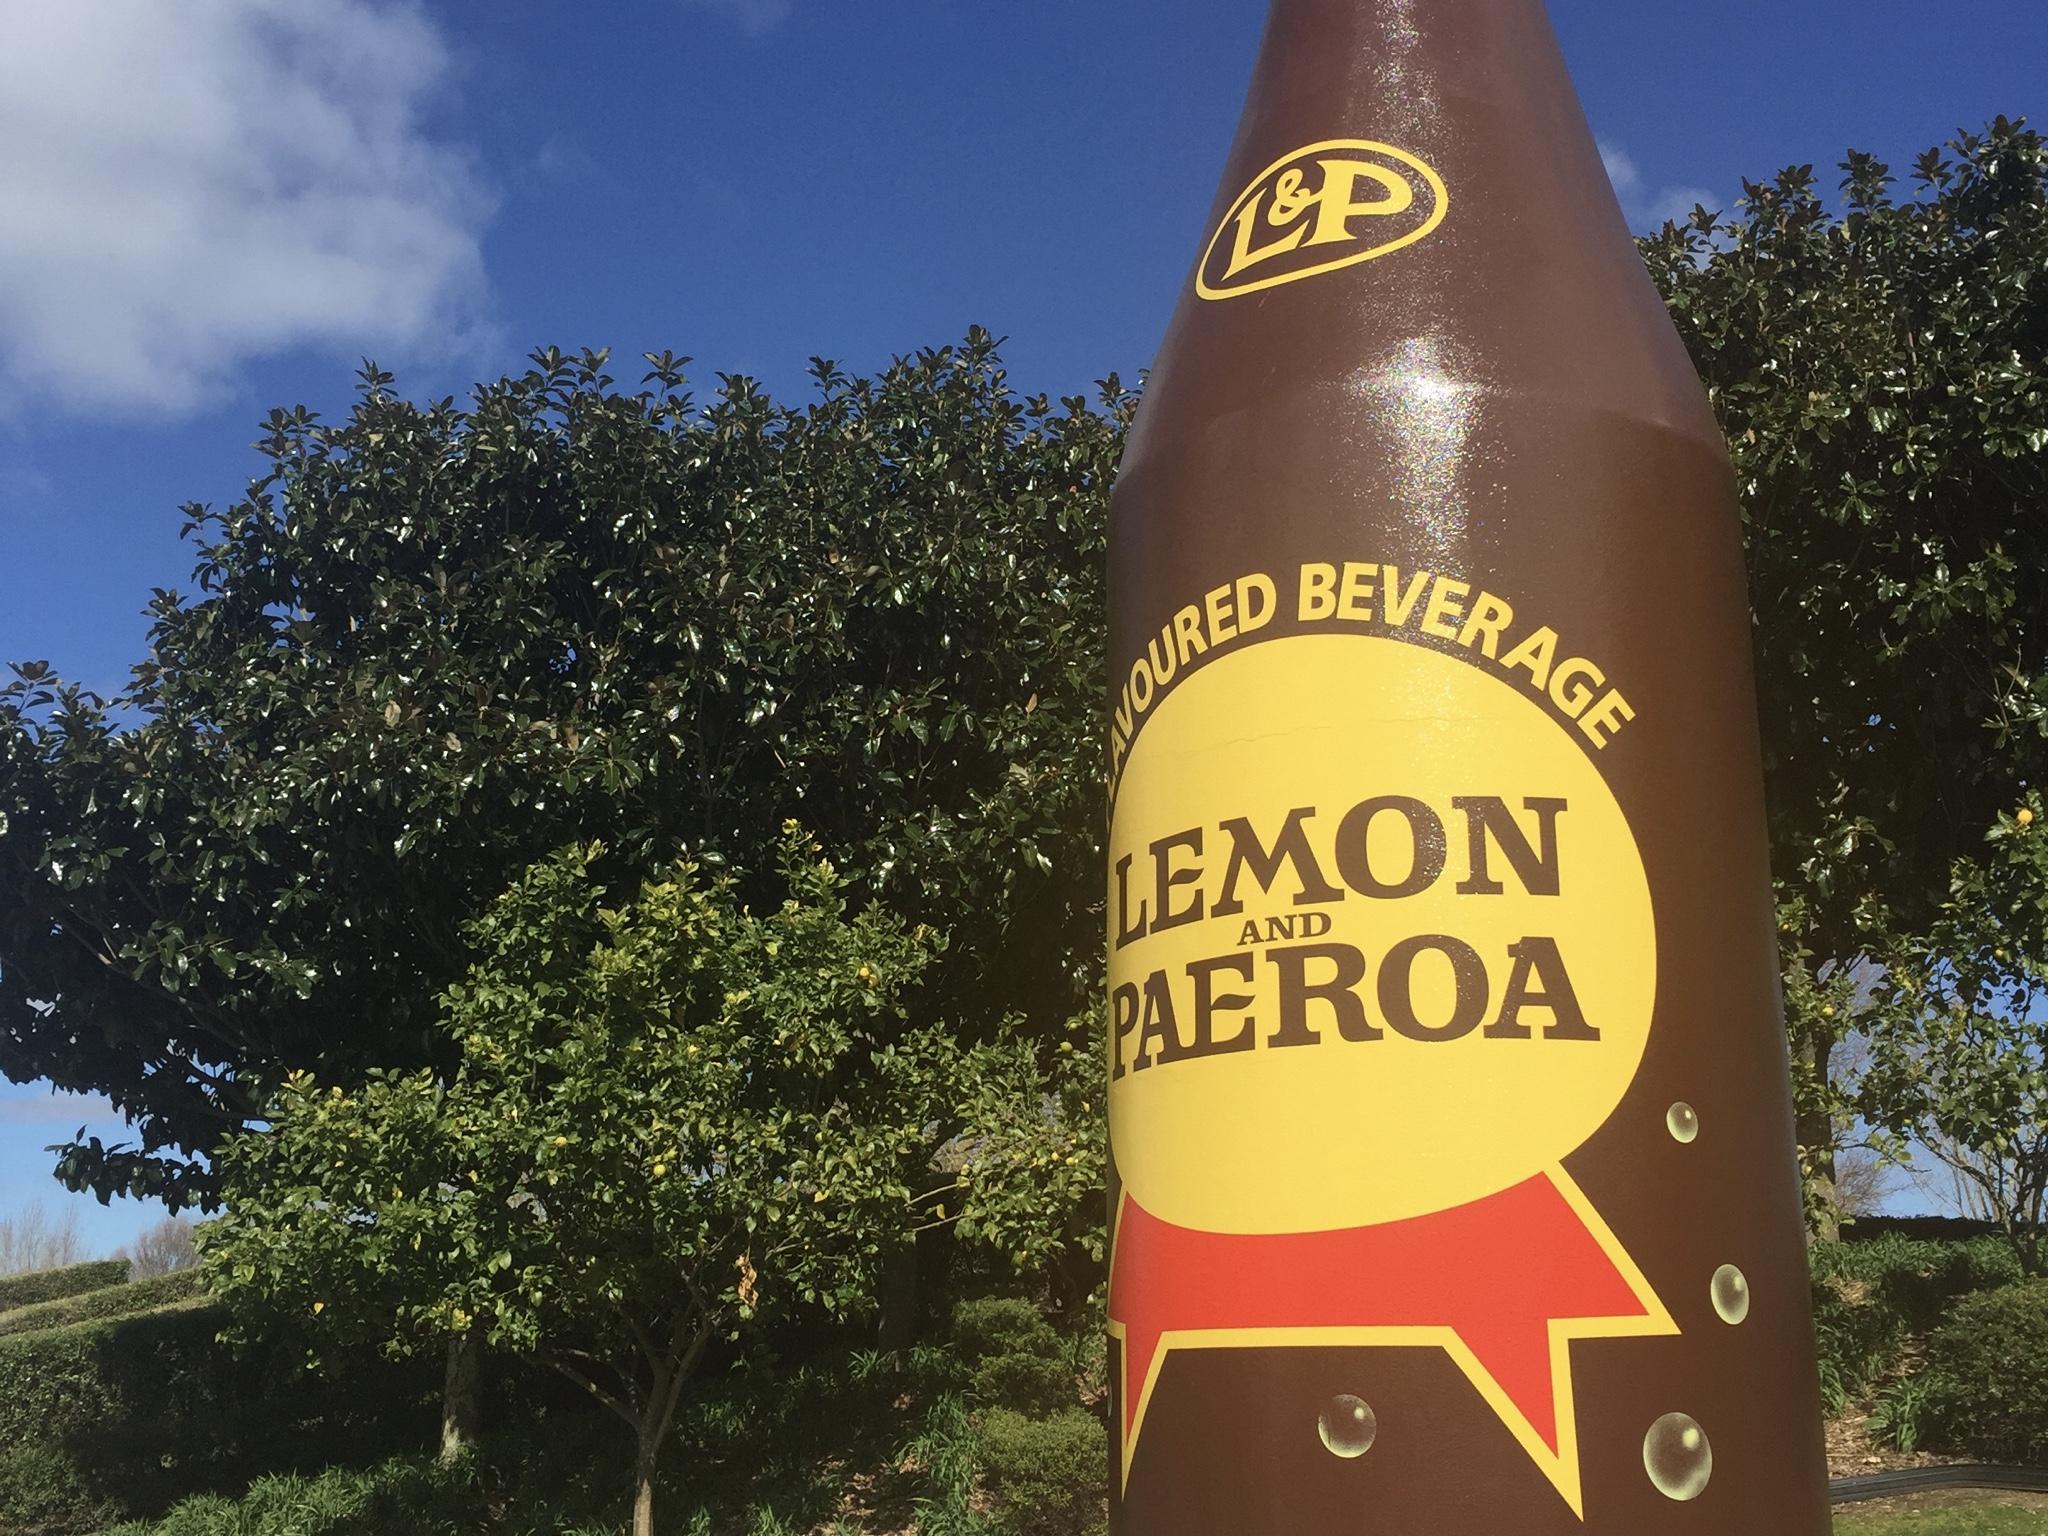 Lemon and Paeroa